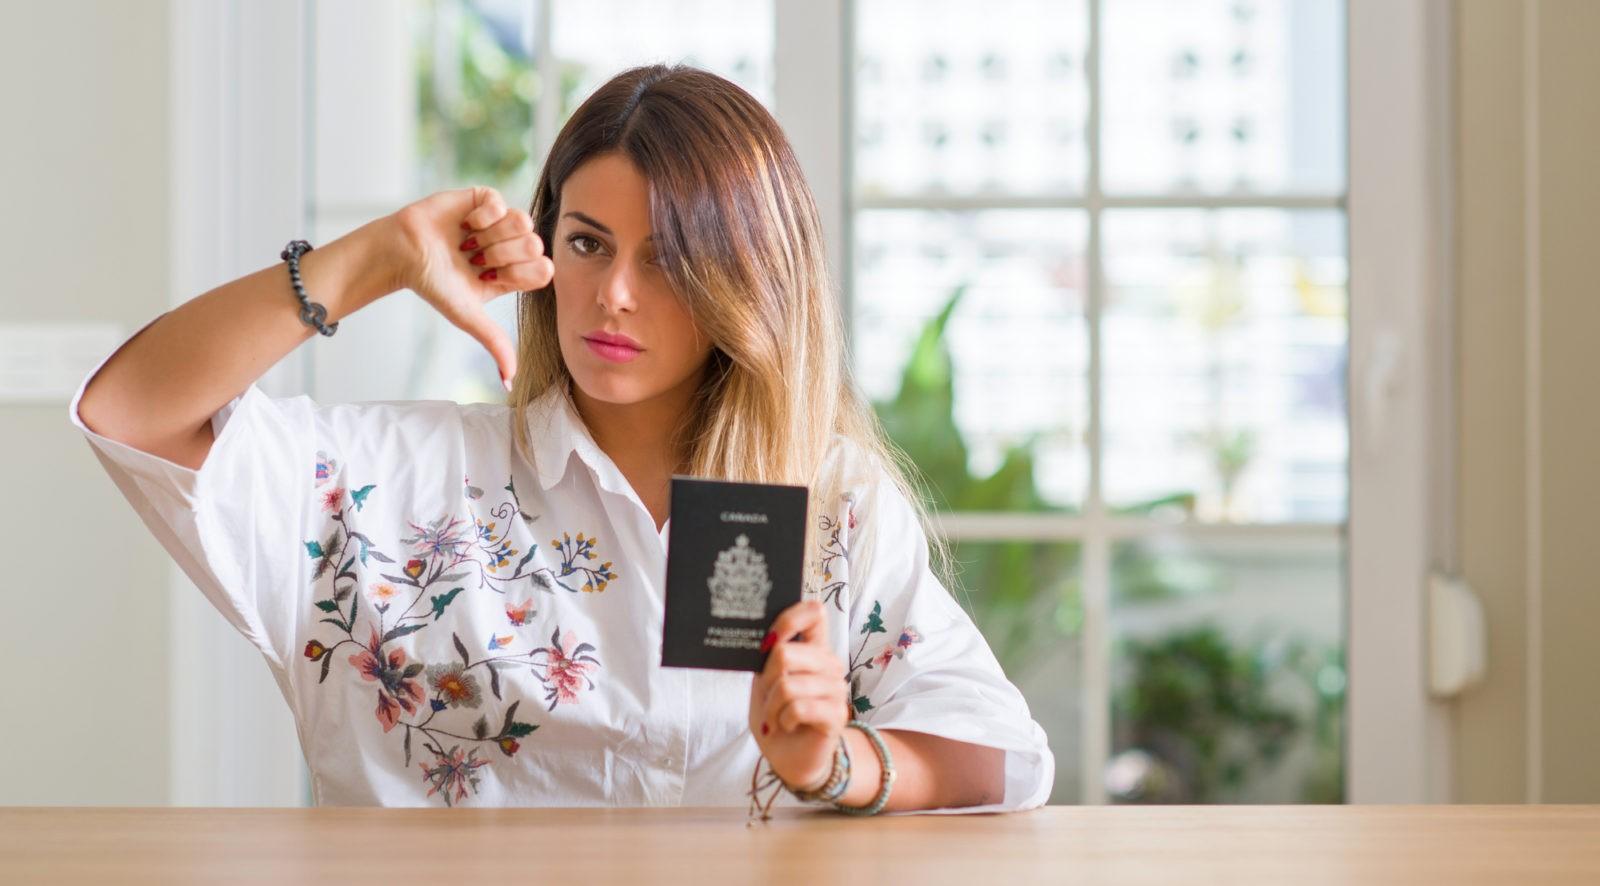 Вылетаем через 3 дня, или Как оформить визу в Великобританию срочно?